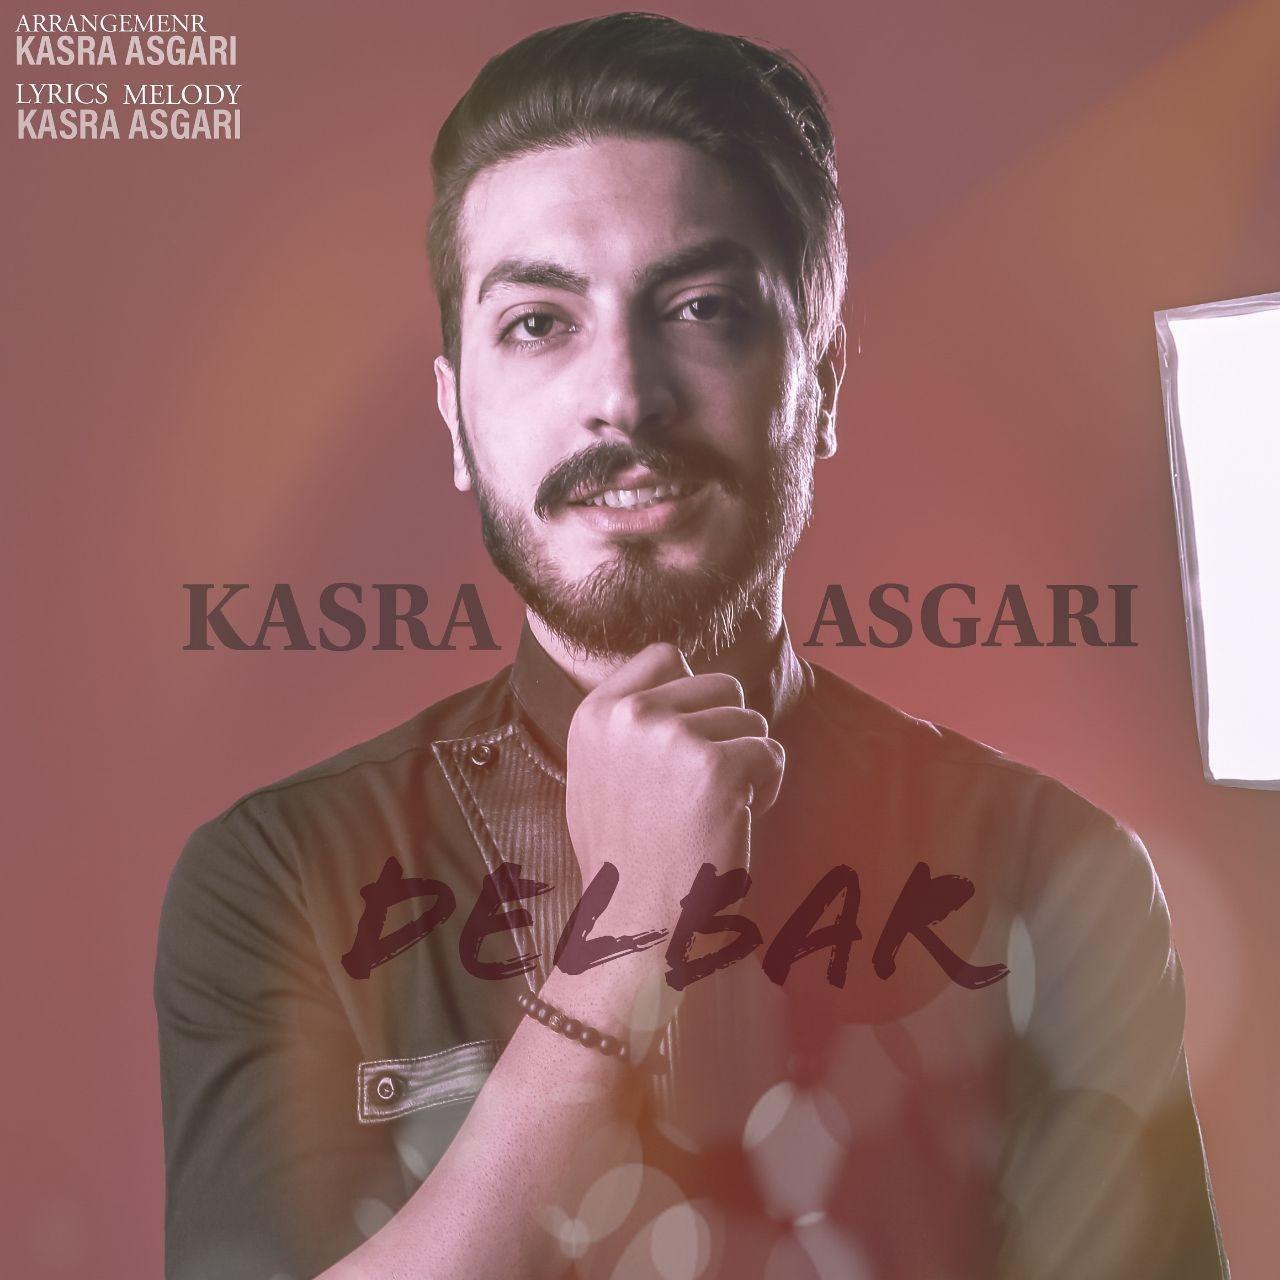 Kasra Asgari – Delbar